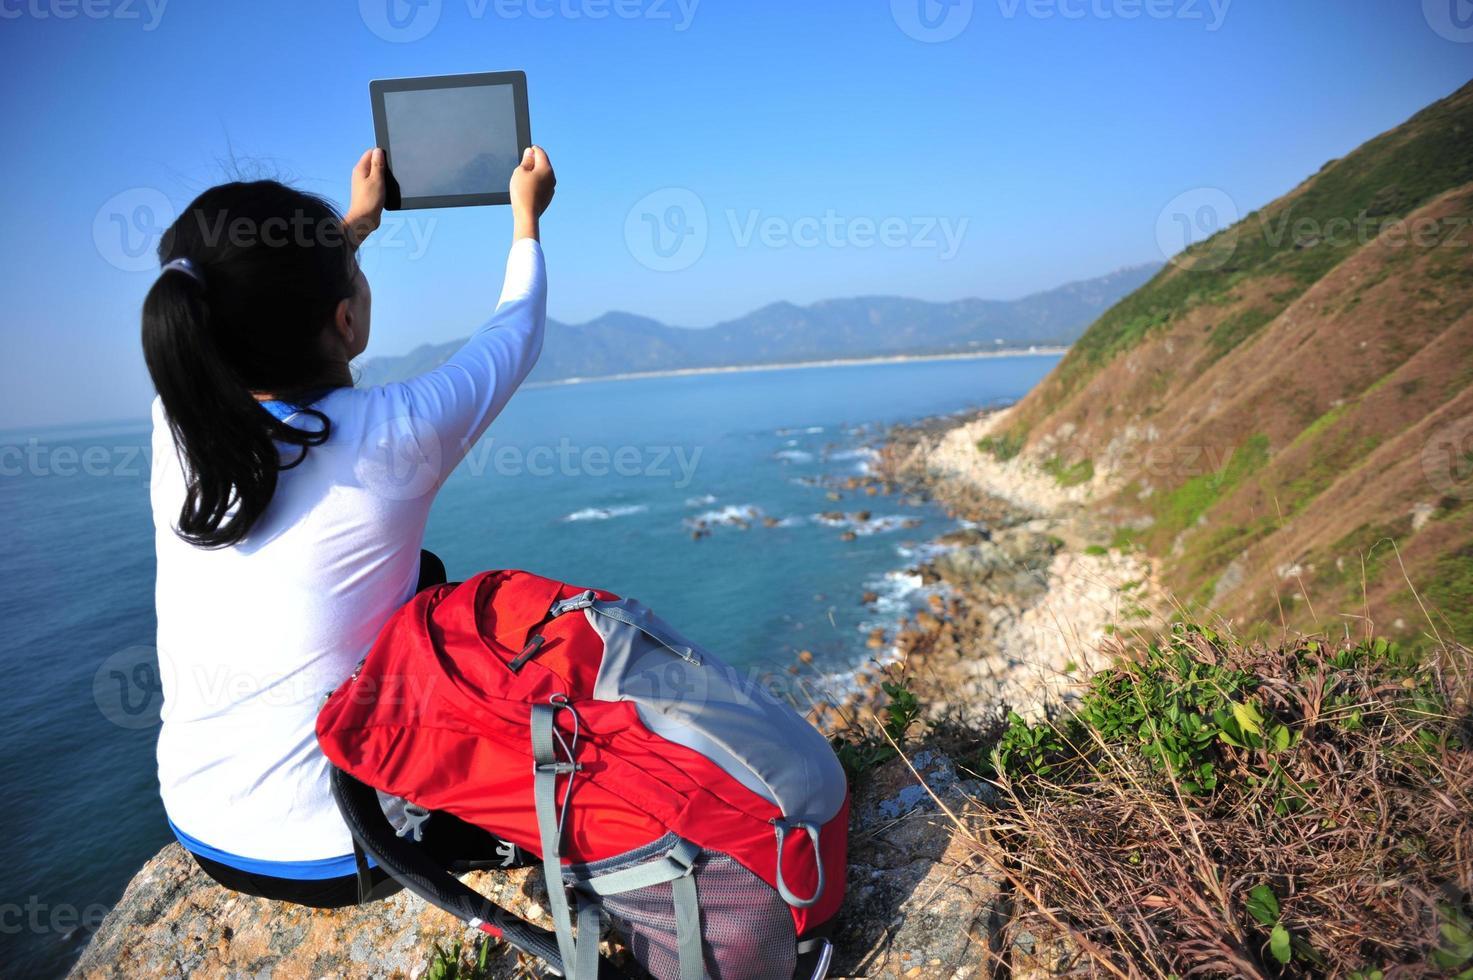 vandring kvinna använder digital tablet strand foto